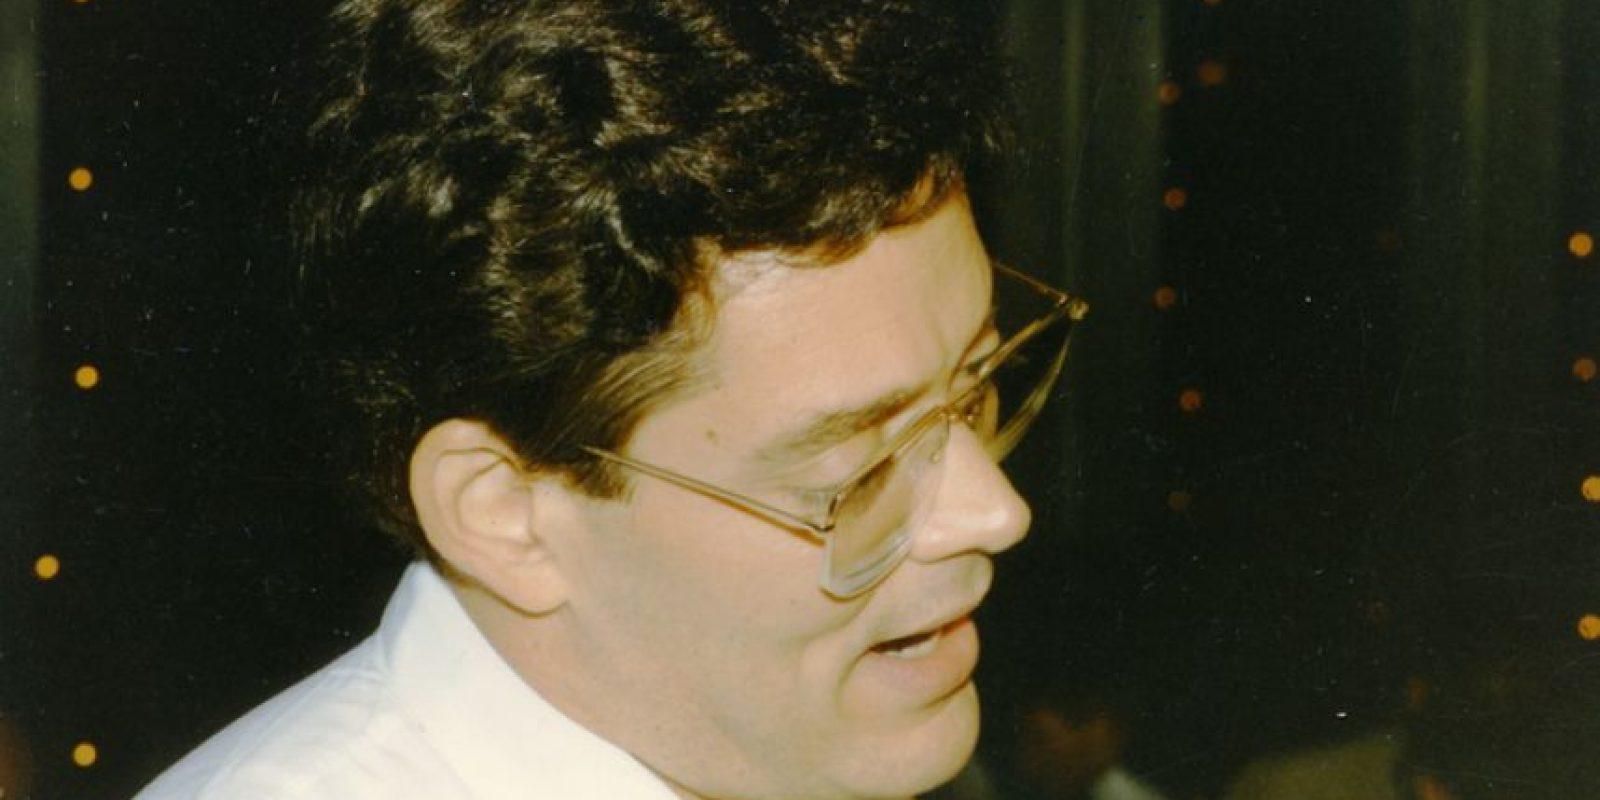 1994, Raúl Juliá murió en octubre de 1994 Foto:Wikipedia